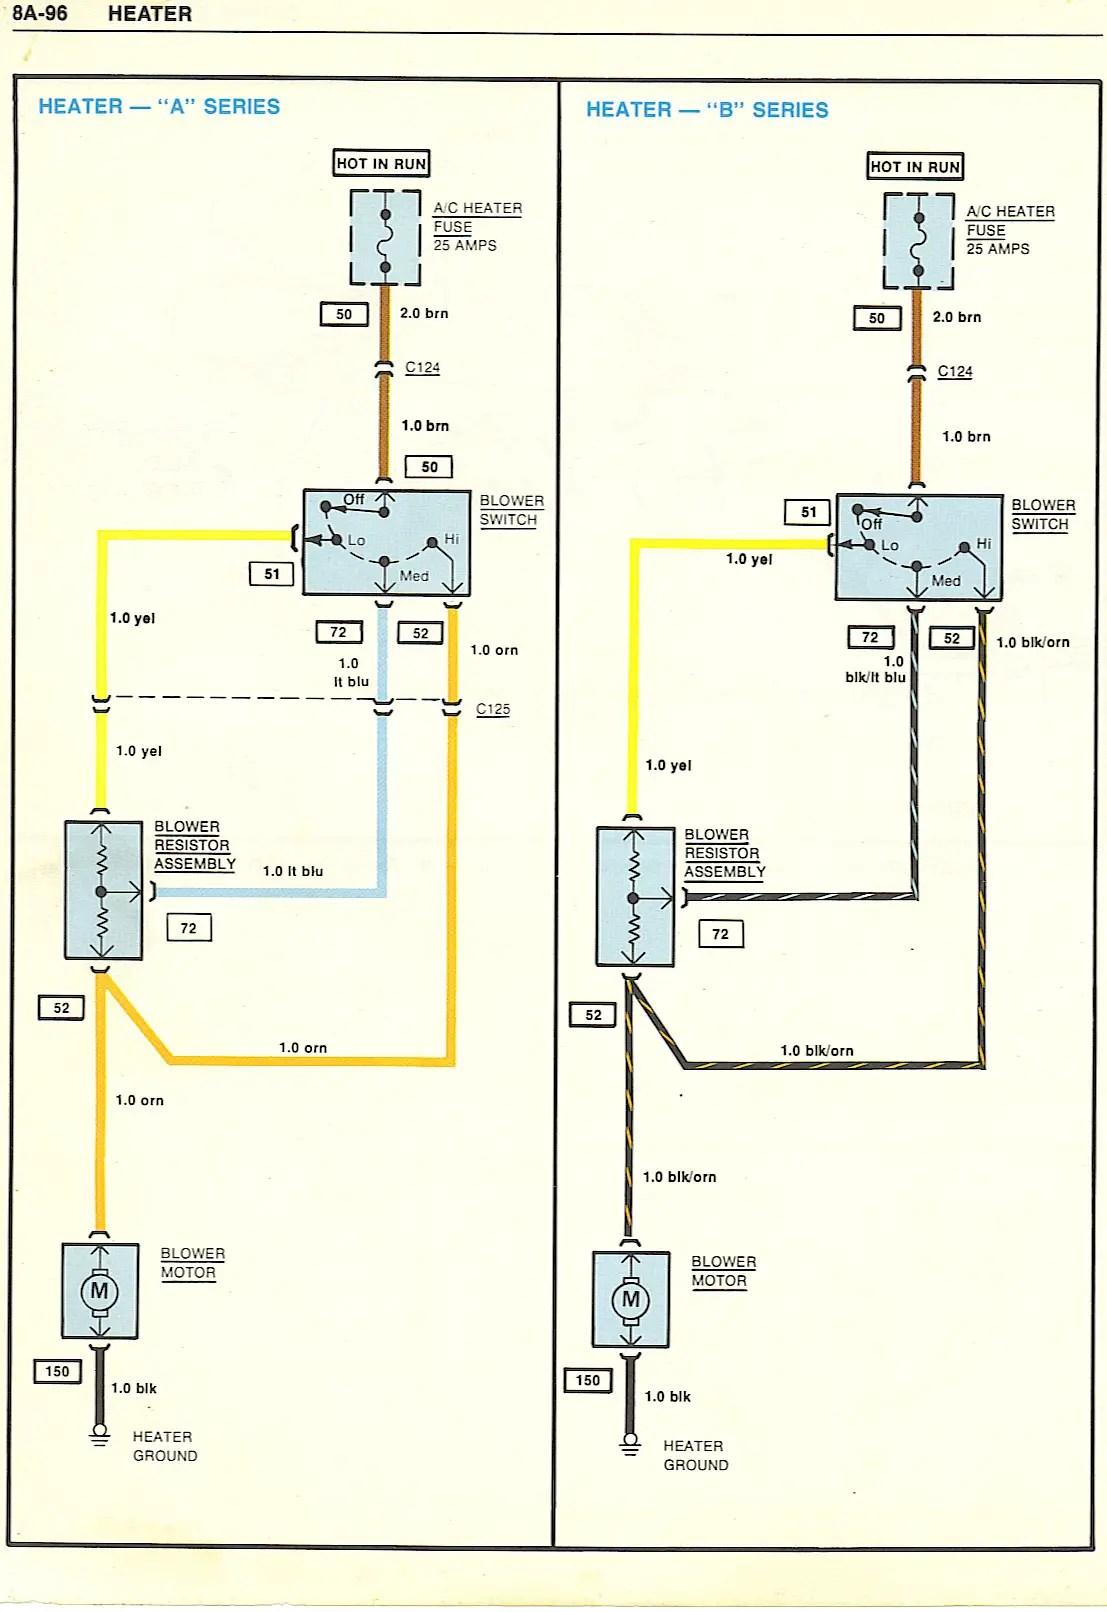 67 El Camino Wiring Diagram Wipers Wiring Diagrams